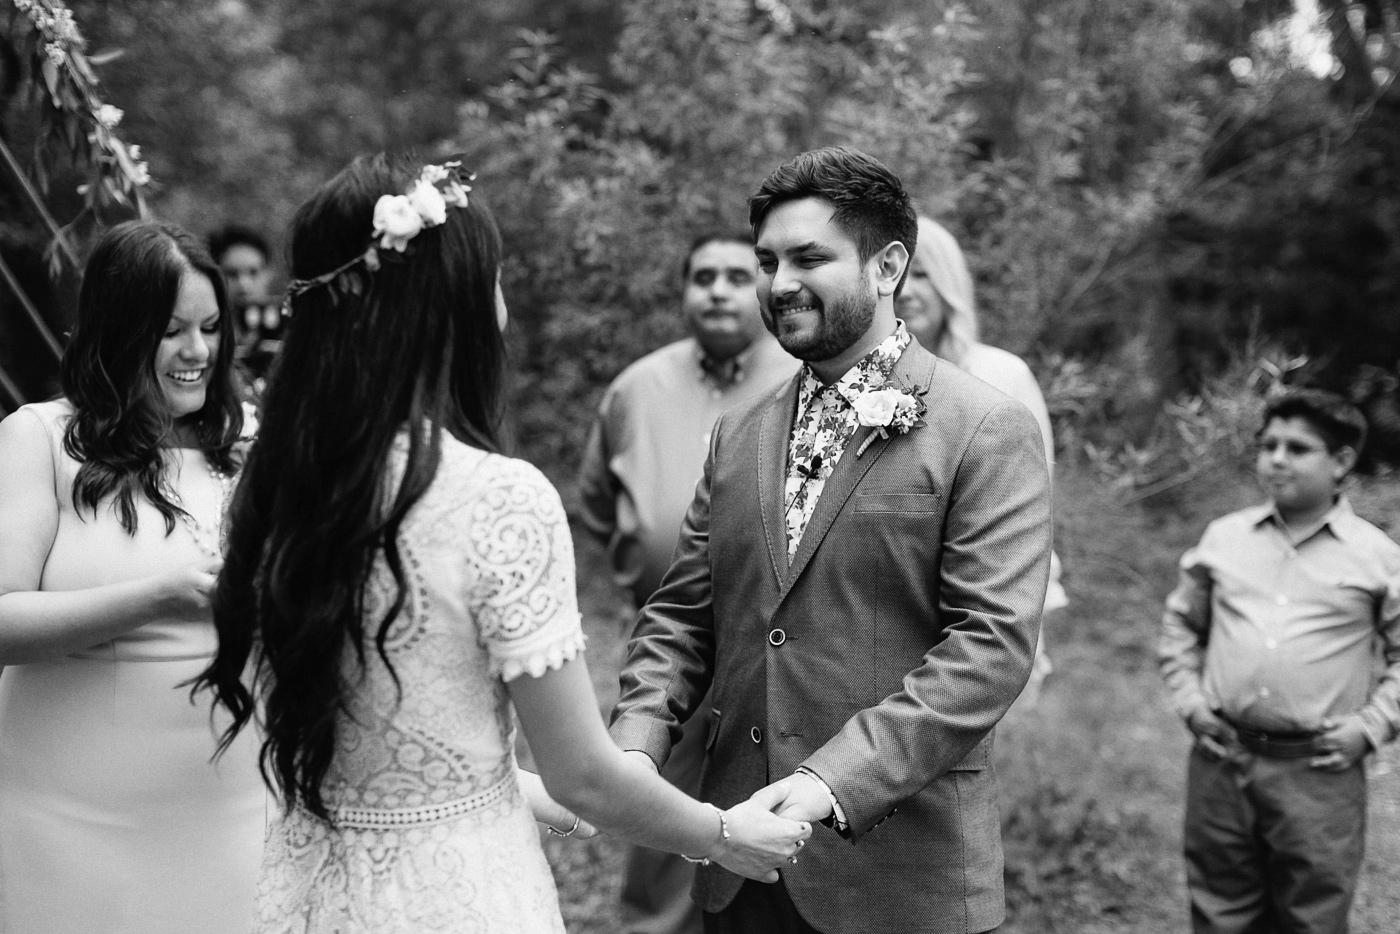 250-wimberley-texas-intimate-backyard-wedding.jpg